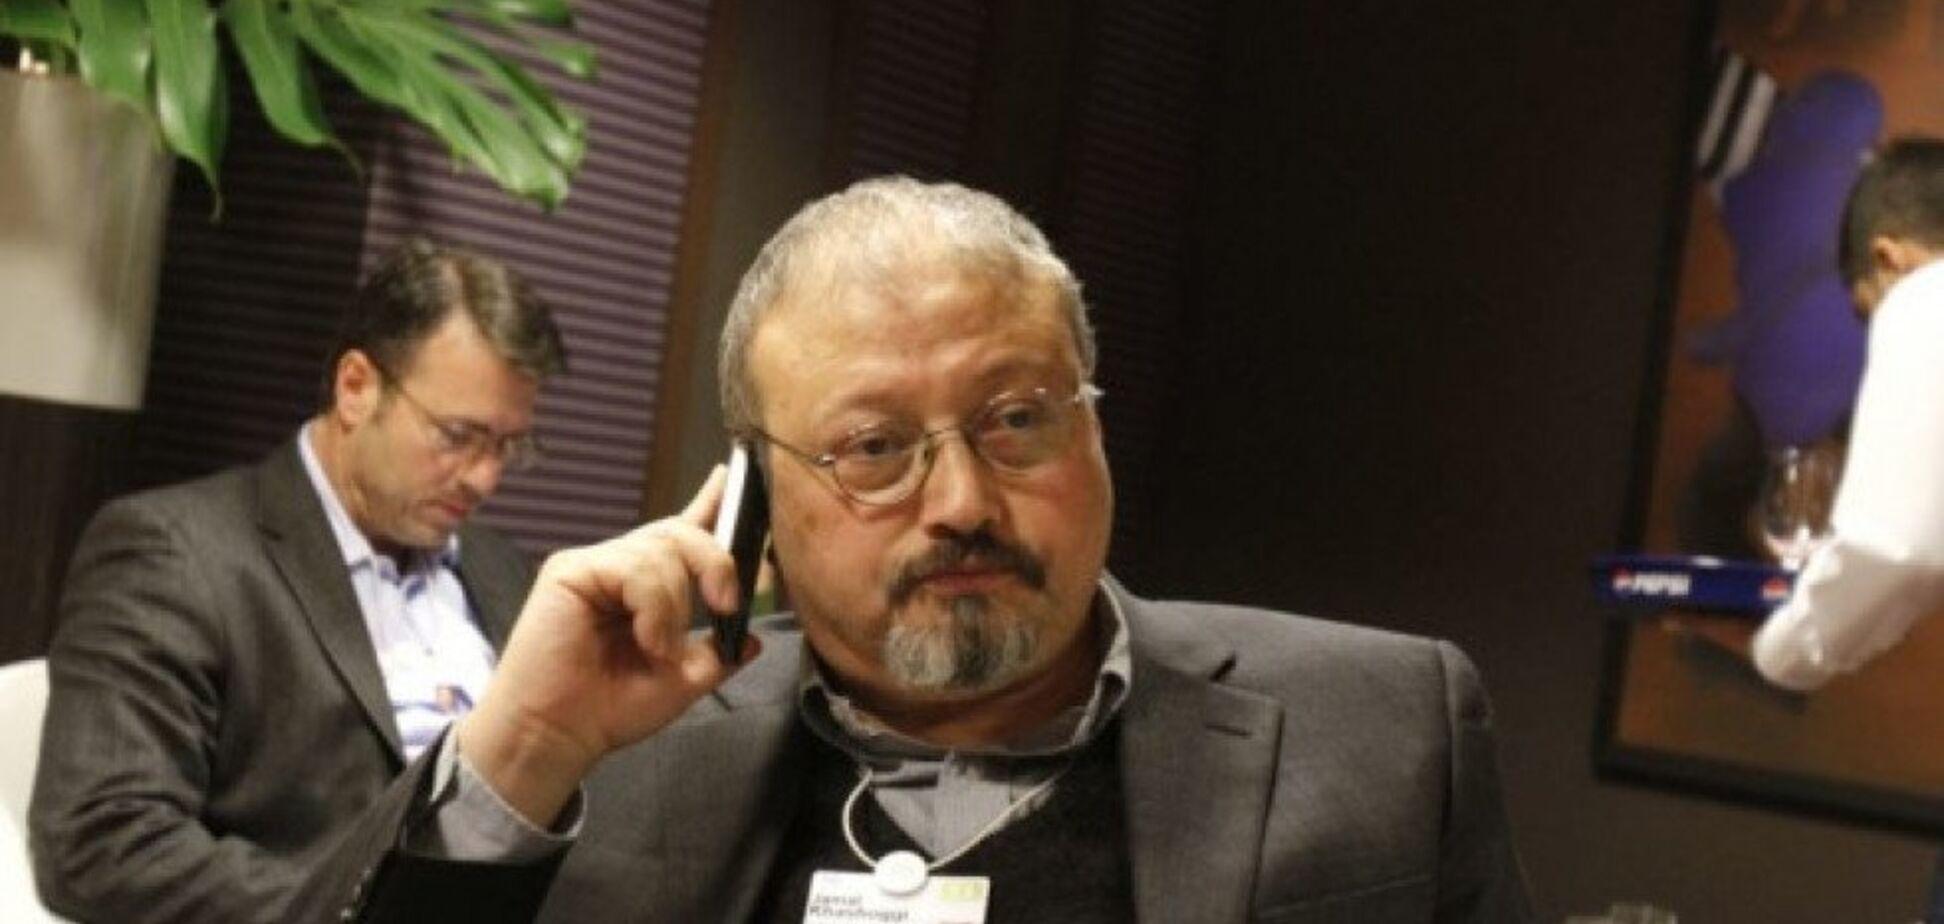 Саудовского журналиста убили в посольстве?